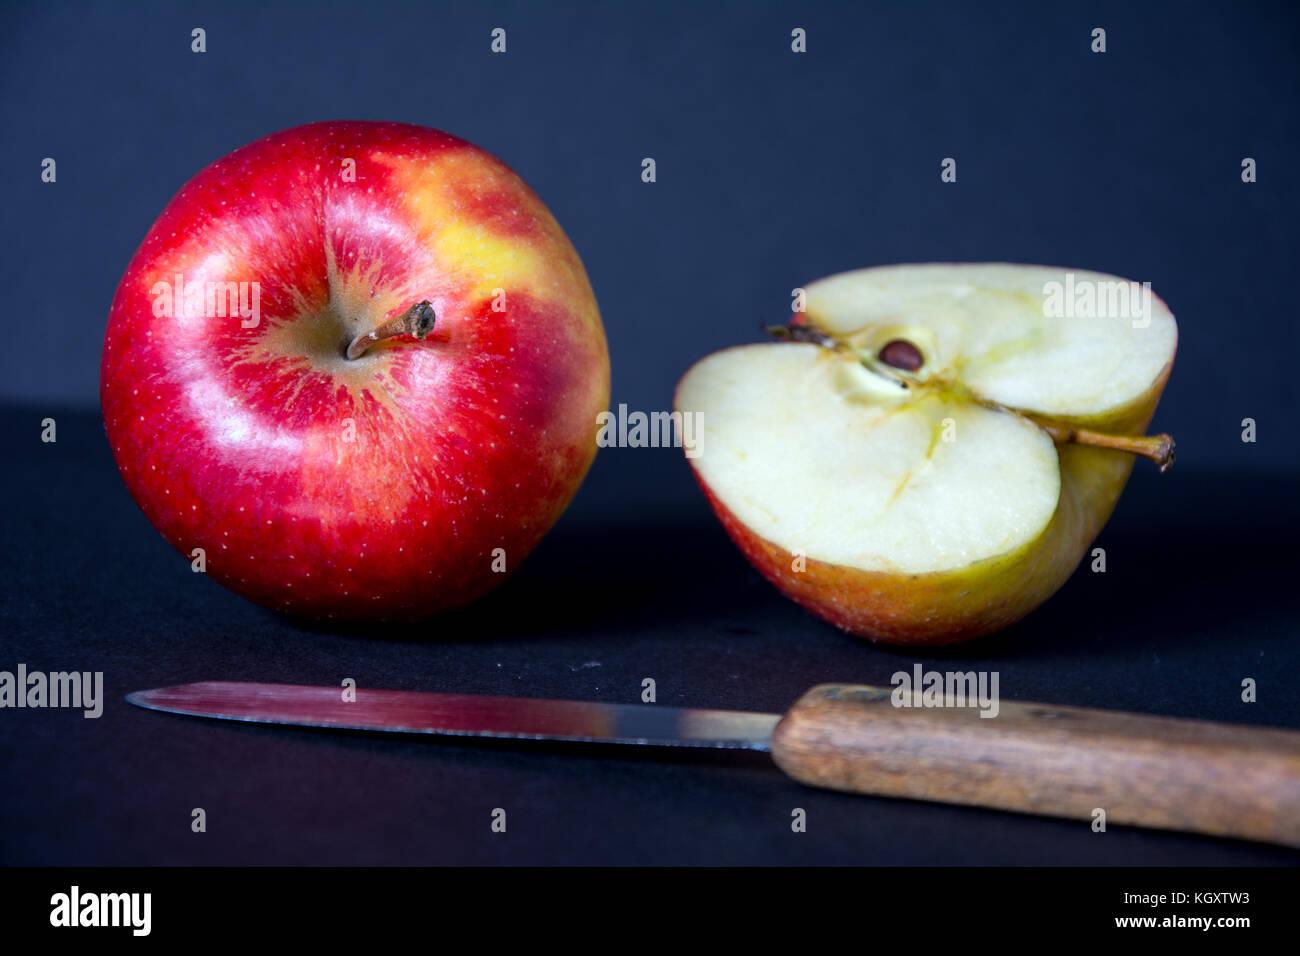 Apple tree leaf half cutted apple and whole apple